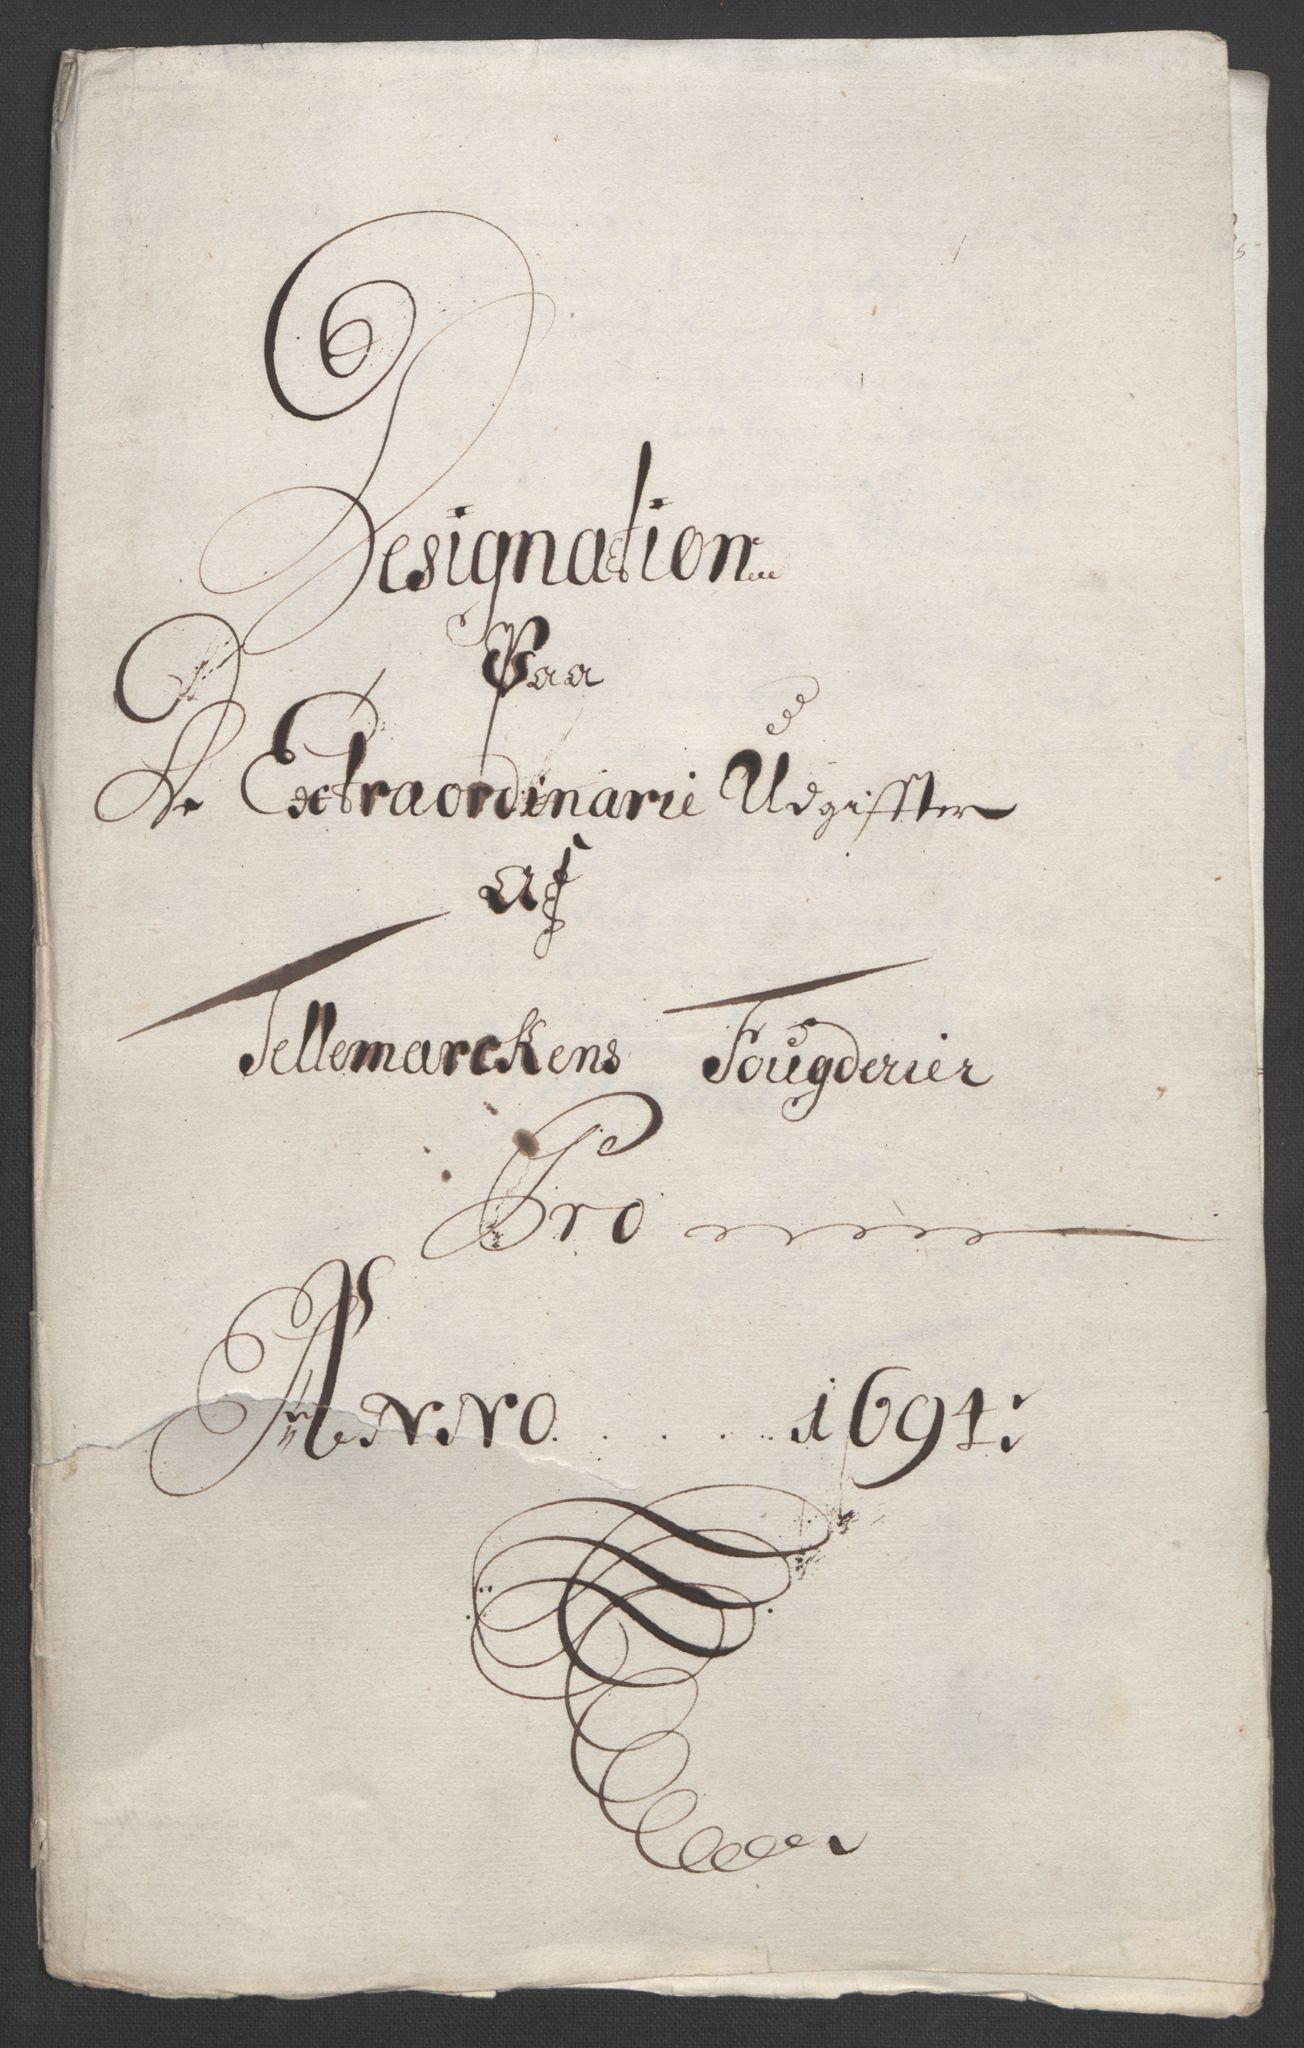 RA, Rentekammeret inntil 1814, Reviderte regnskaper, Fogderegnskap, R36/L2092: Fogderegnskap Øvre og Nedre Telemark og Bamble, 1694, s. 150